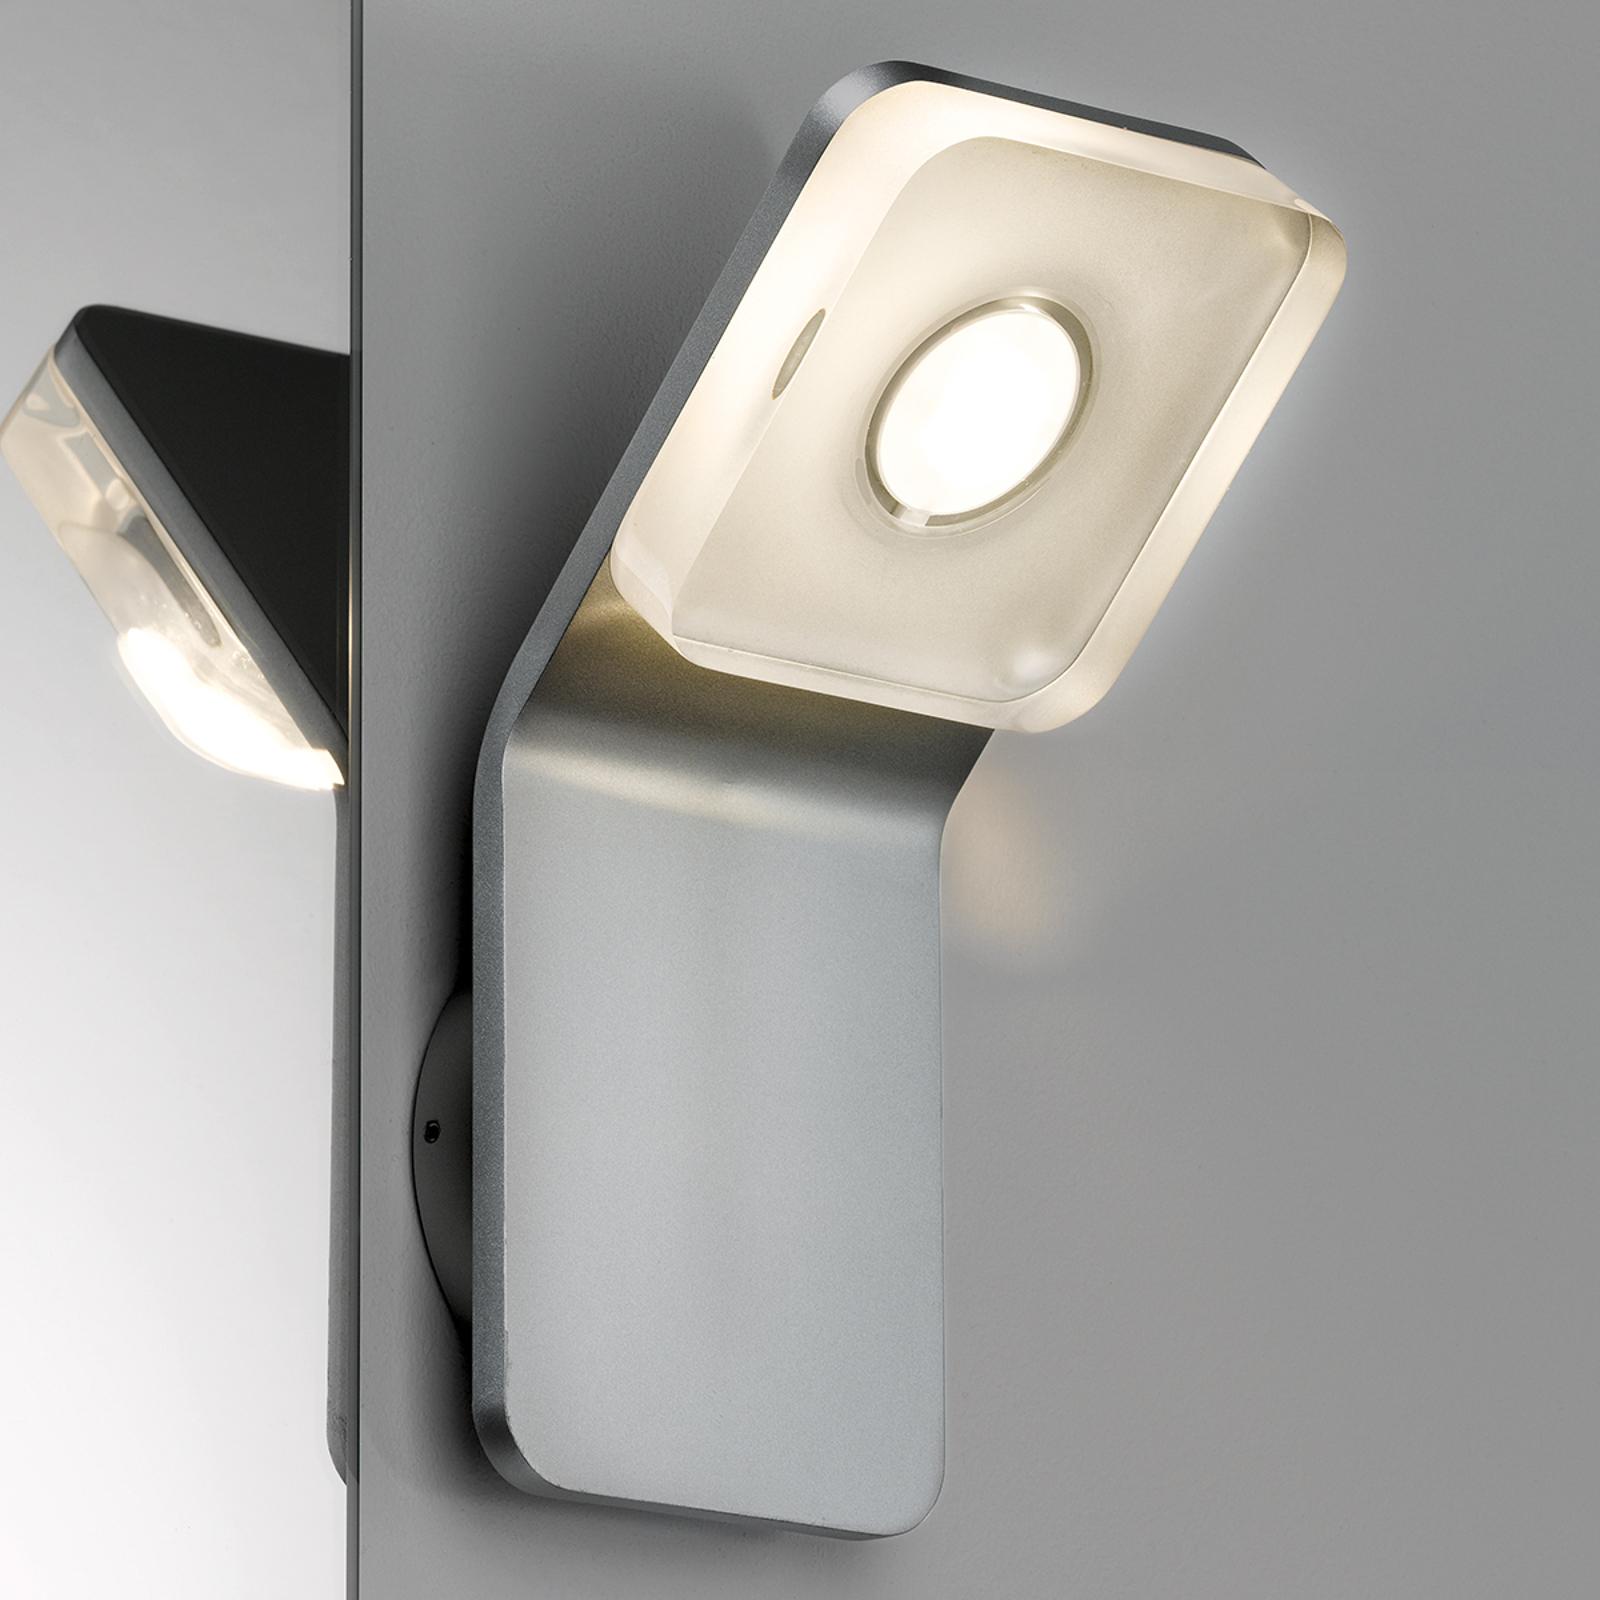 Applique LED Tucana con schermo acrilico Illuminazione per interni